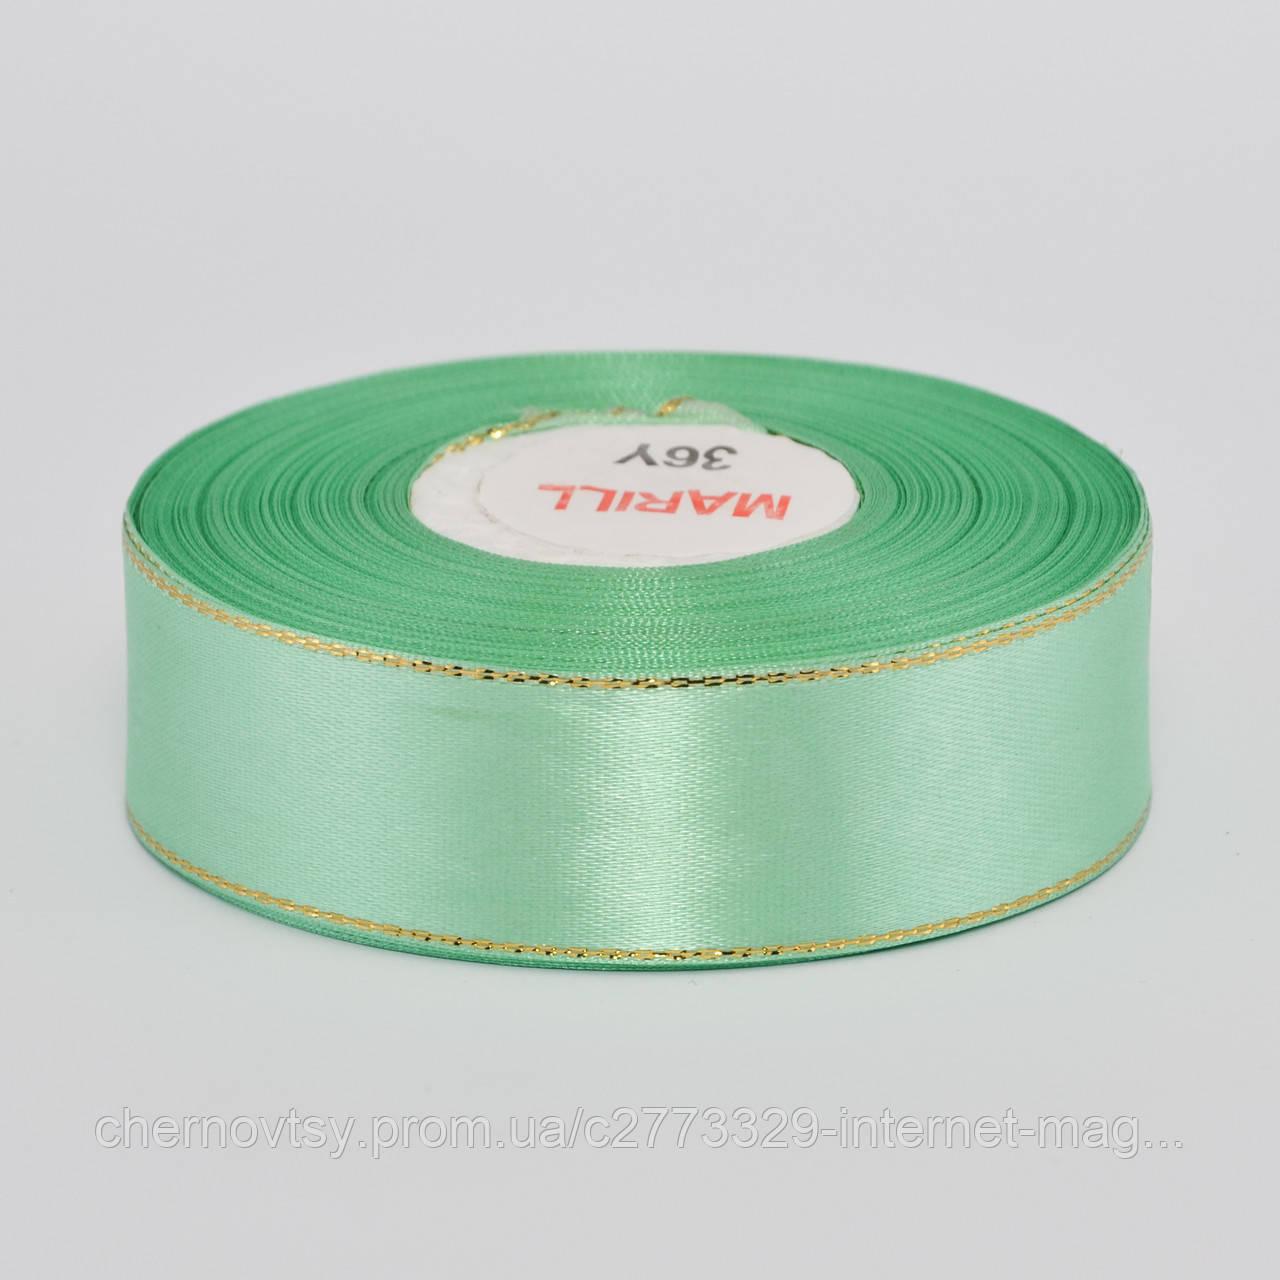 Лента атлас с люрексом 0.6 см, 33 м, № 128